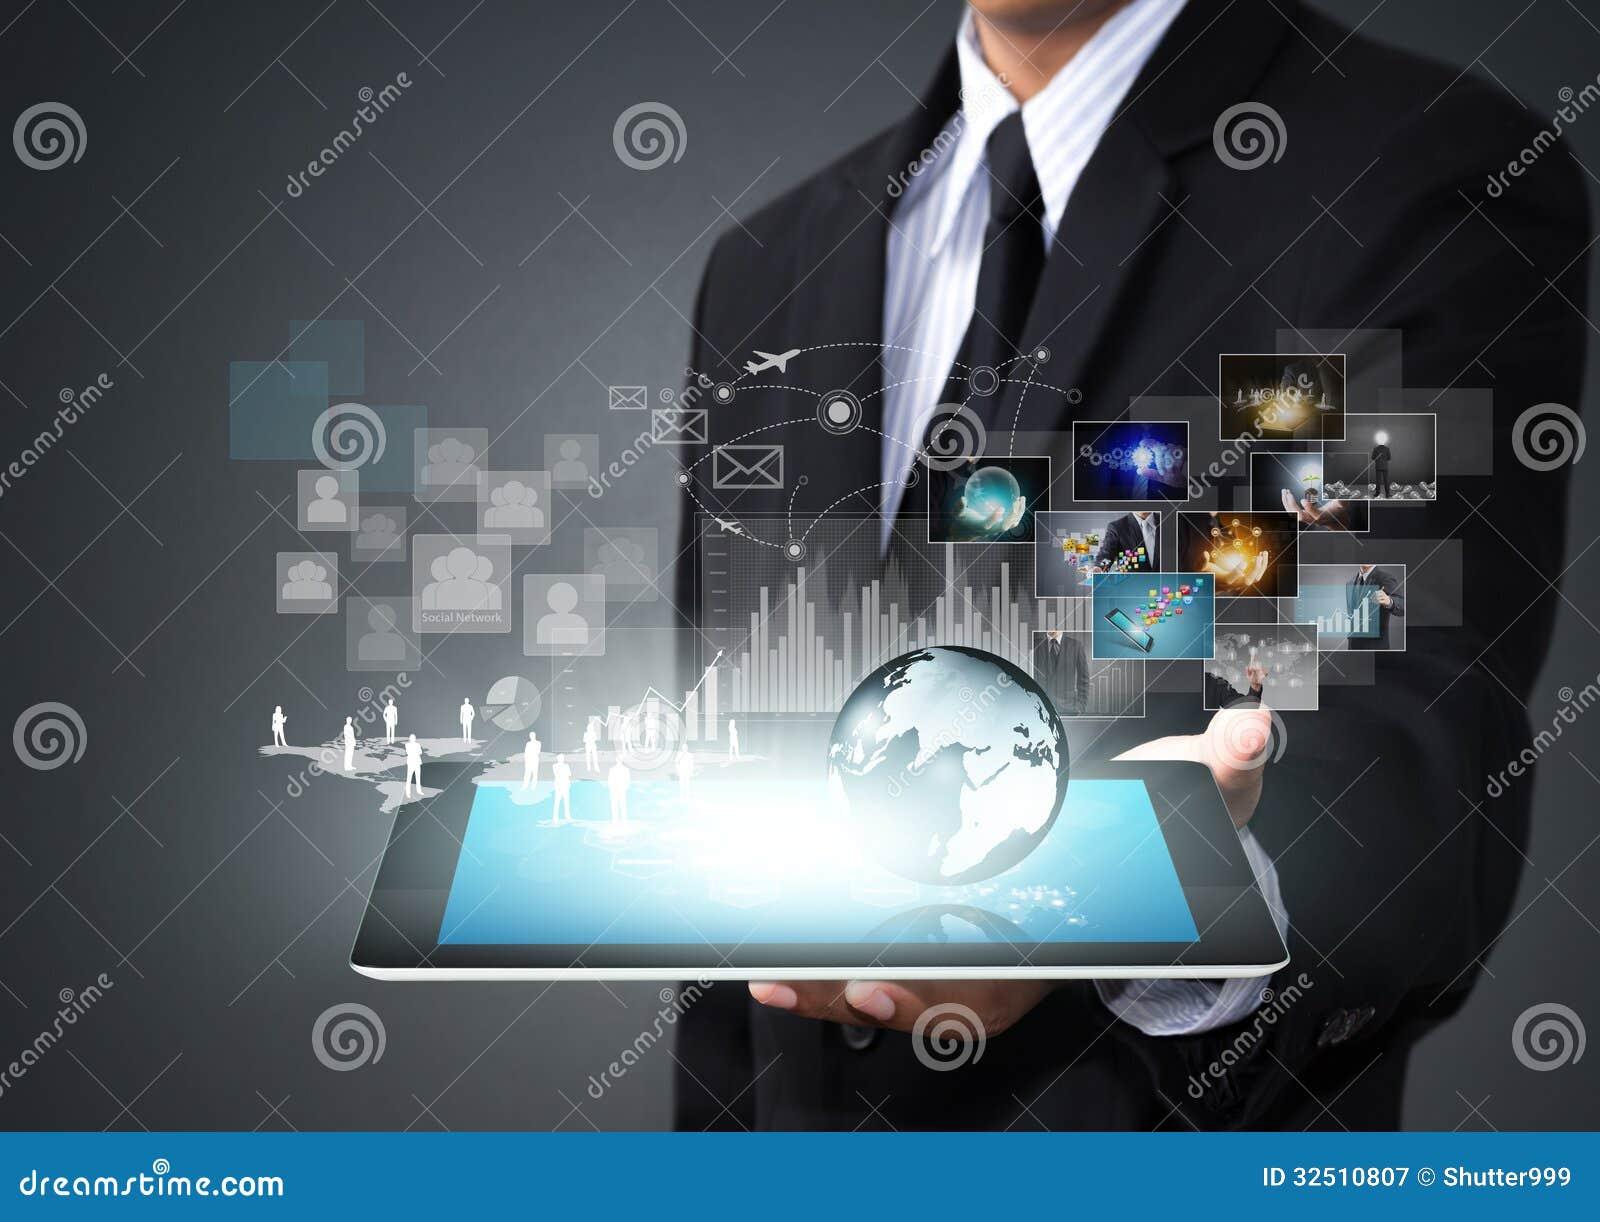 Tableta de la pantalla táctil con nueva tecnología